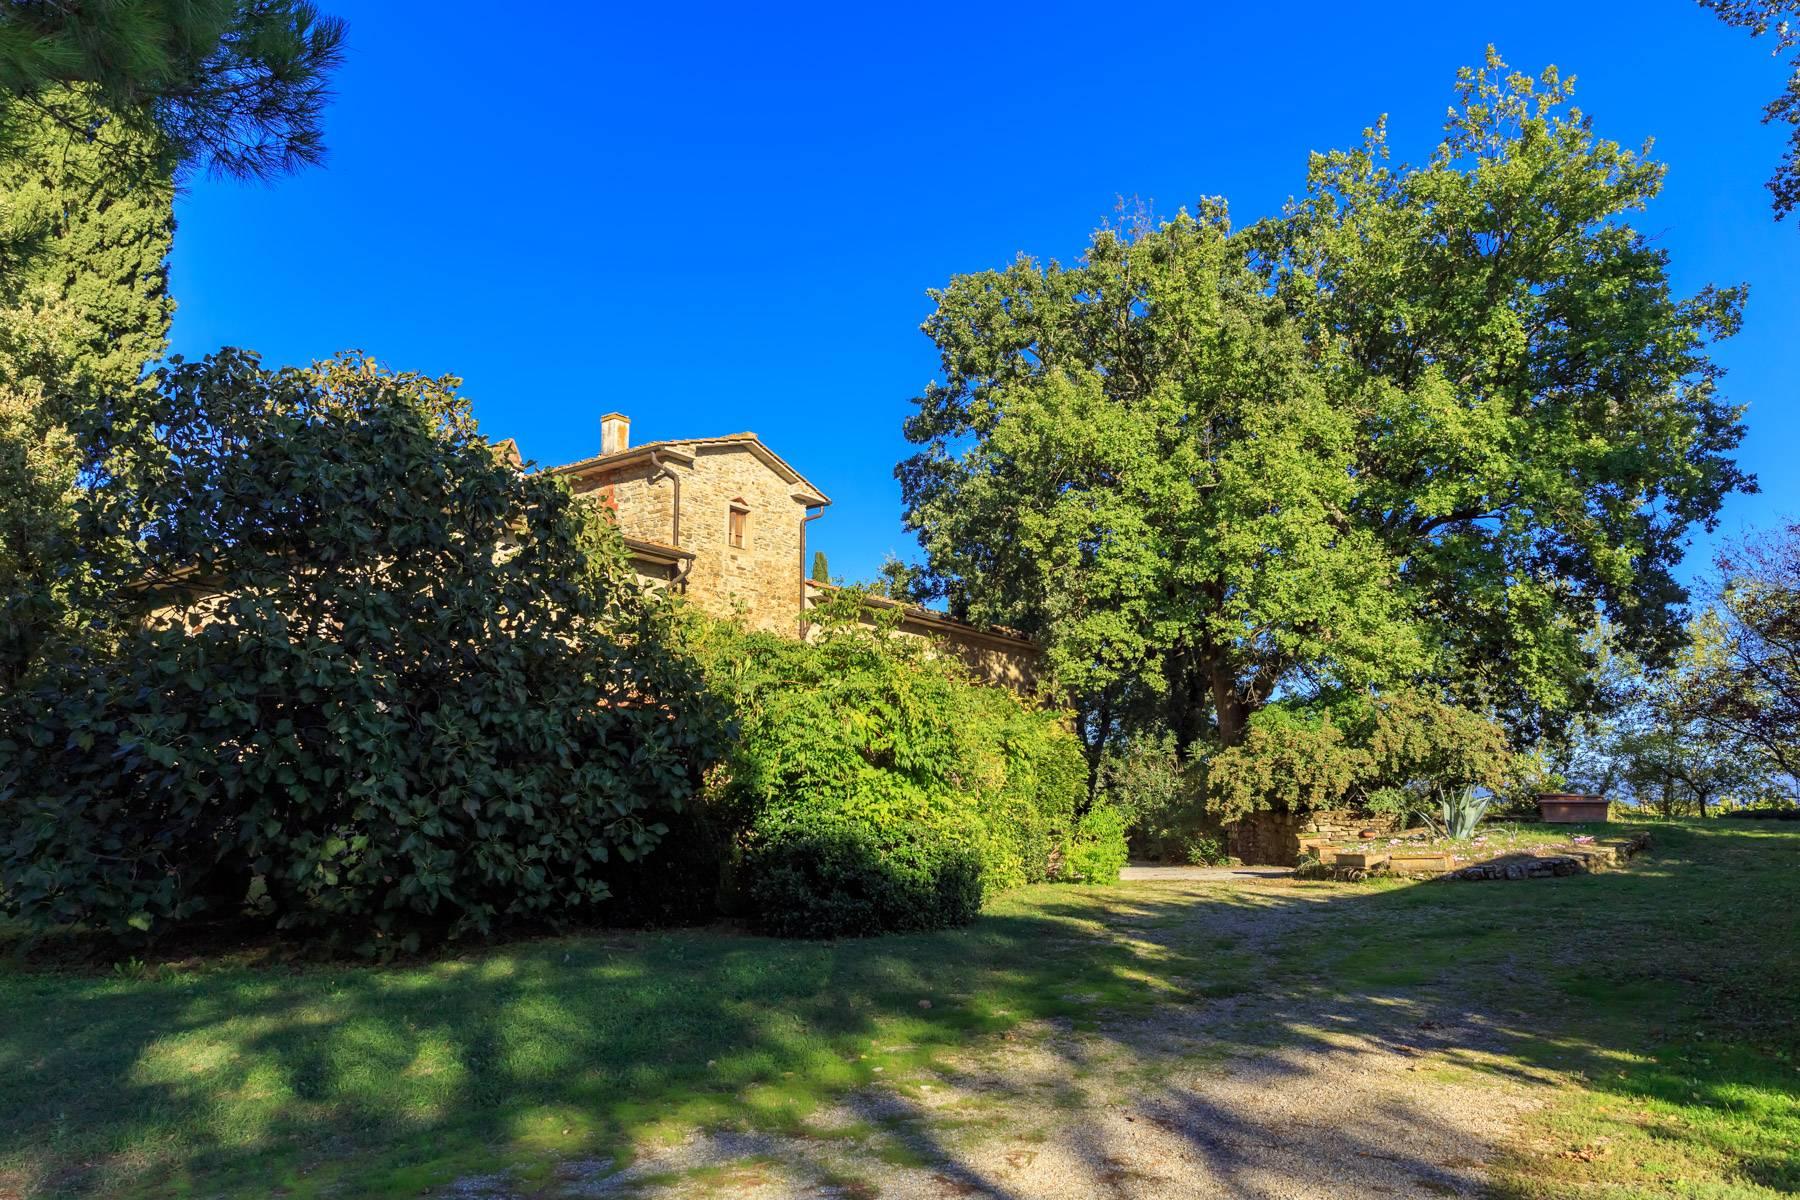 Villa in Vendita a Castiglion Fibocchi: 5 locali, 600 mq - Foto 3